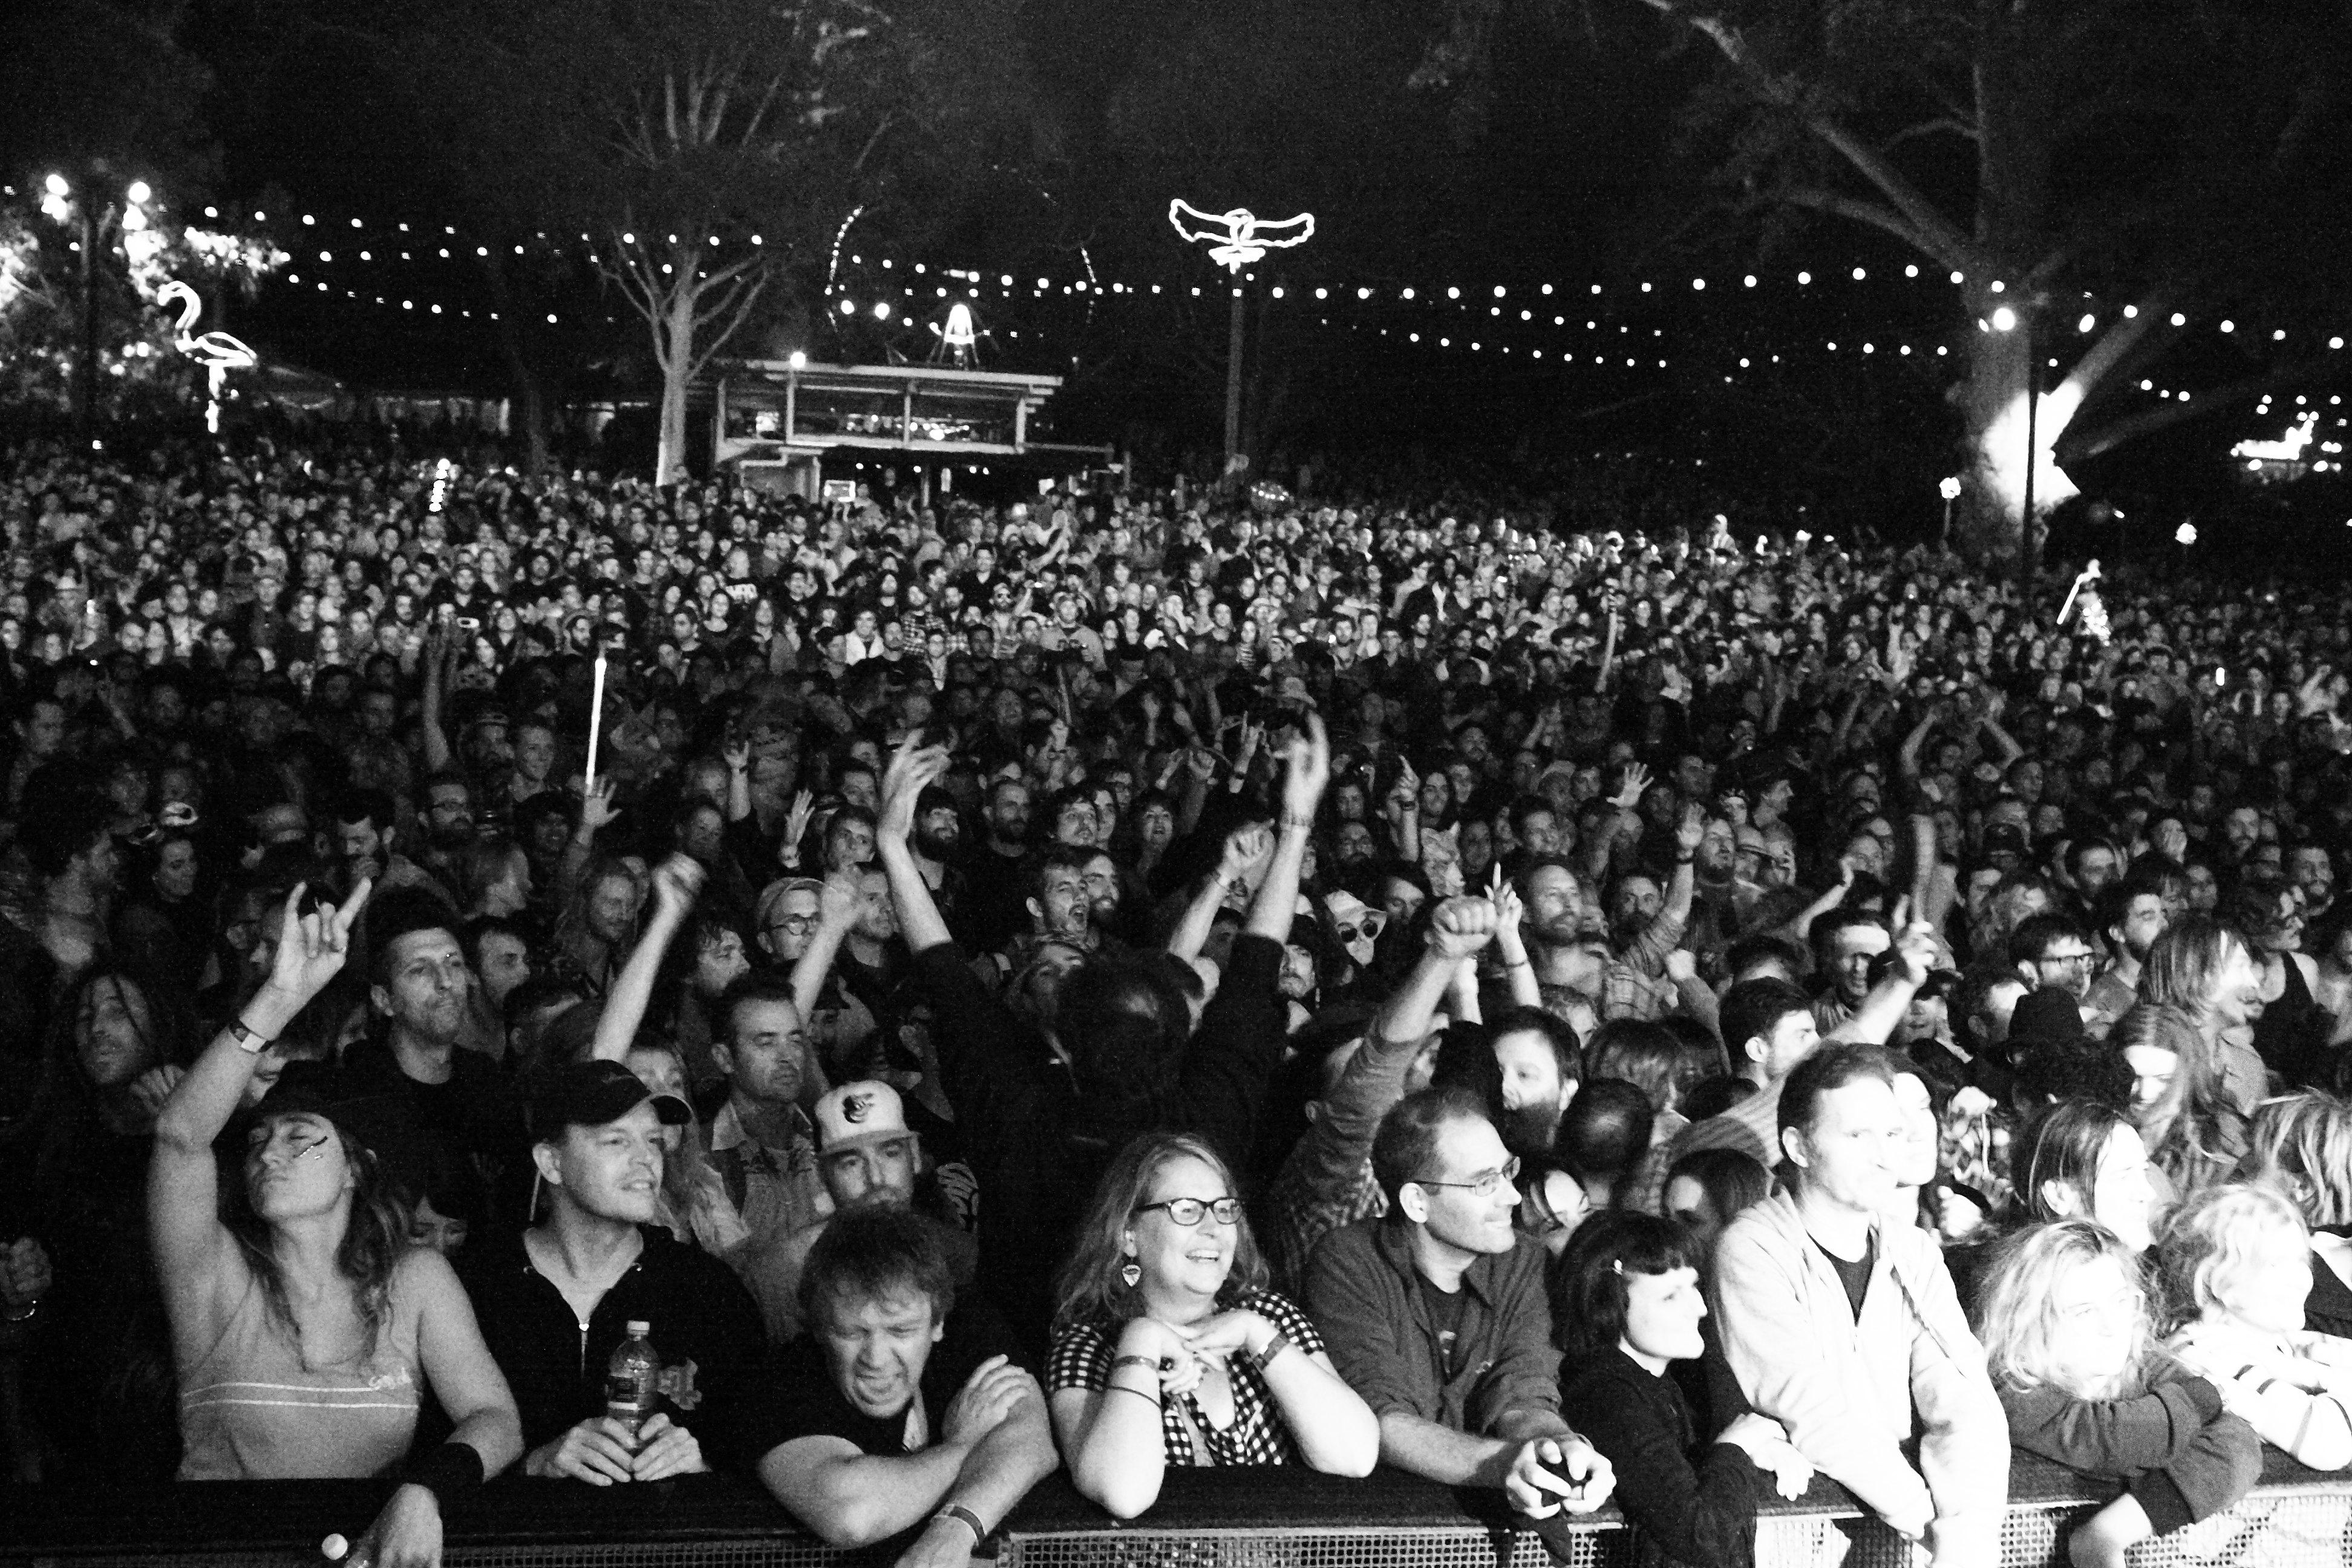 IMG_6526-crowd.JPG